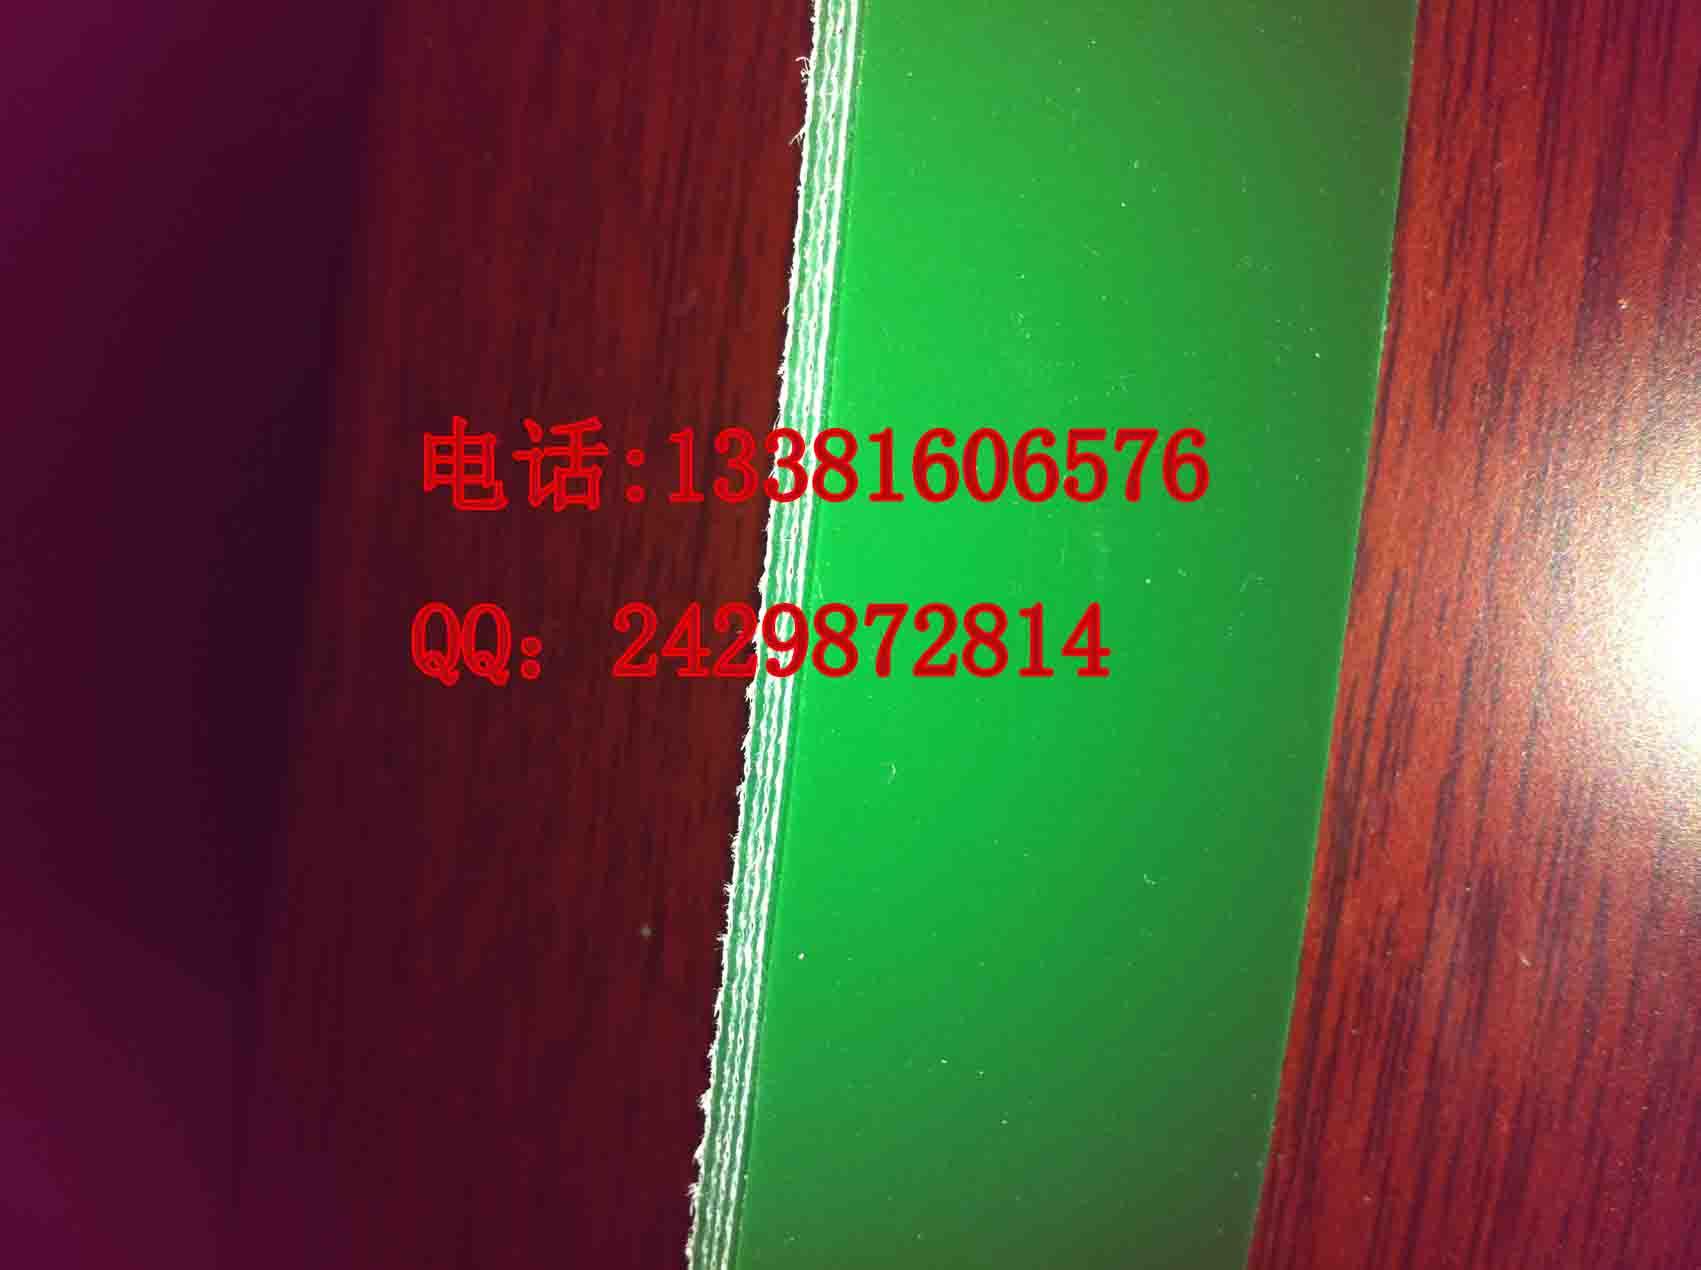 皮带输送机-供应绿色钻石花纹输送带-包装机械网